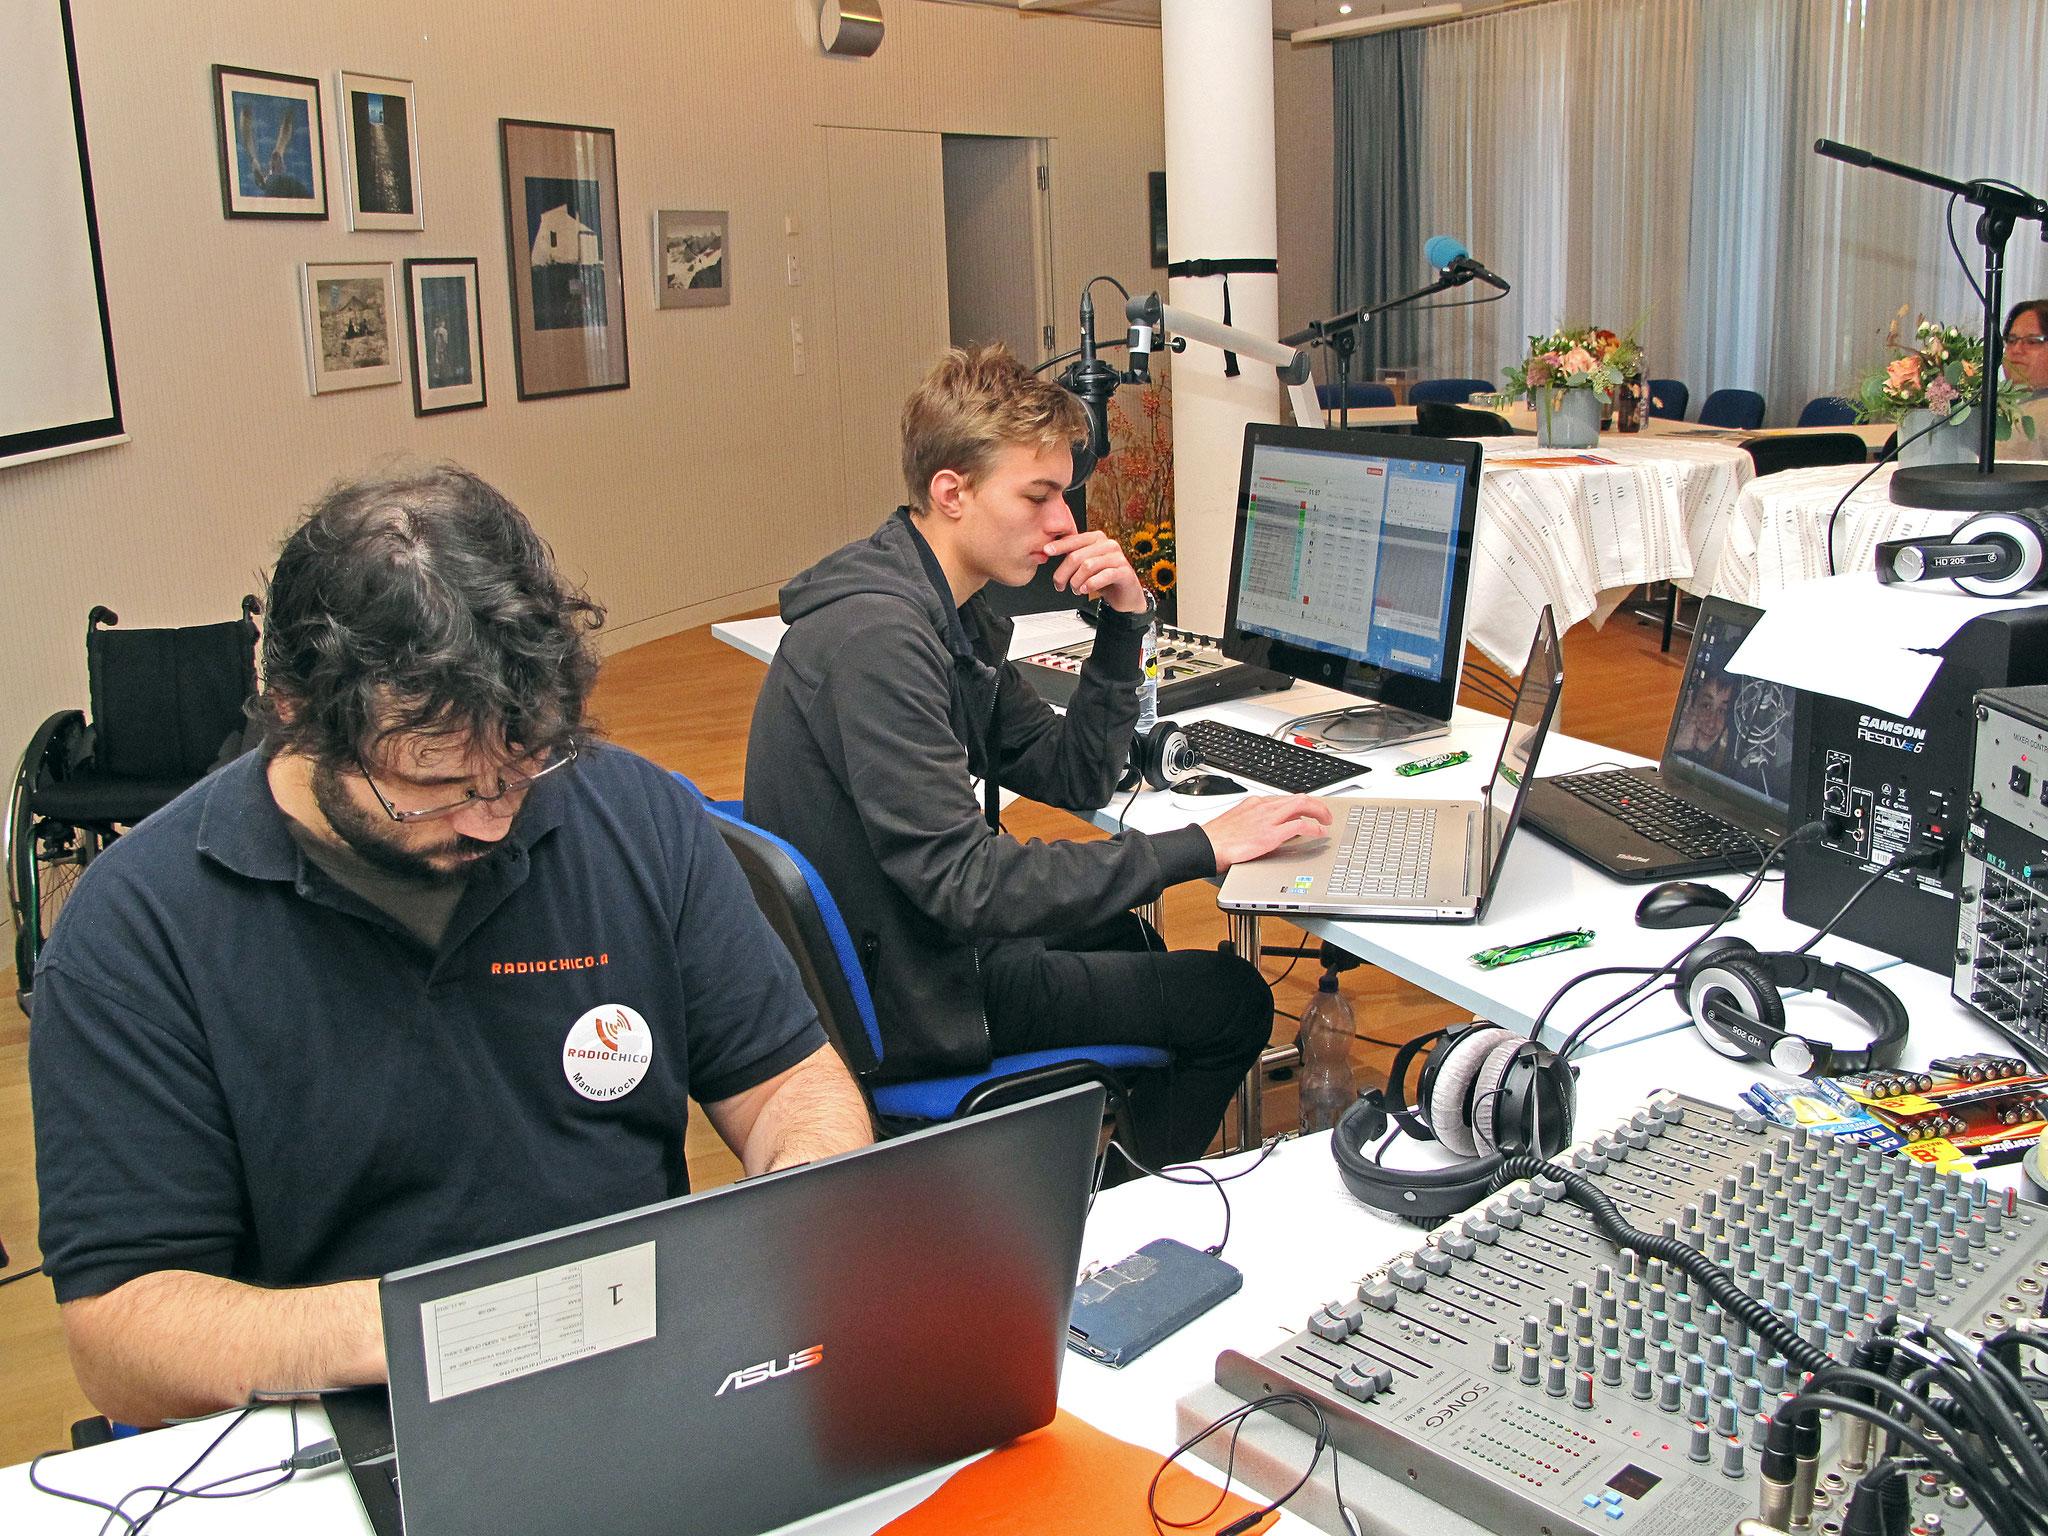 RadioChico - An der Arbeit